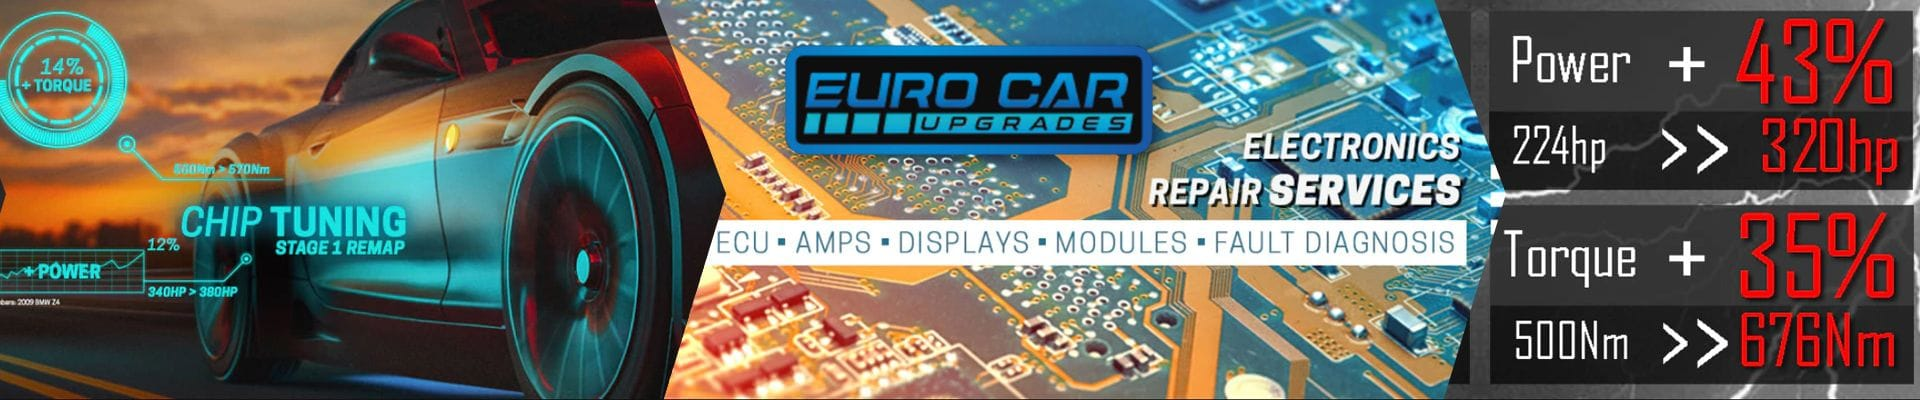 Euro Car